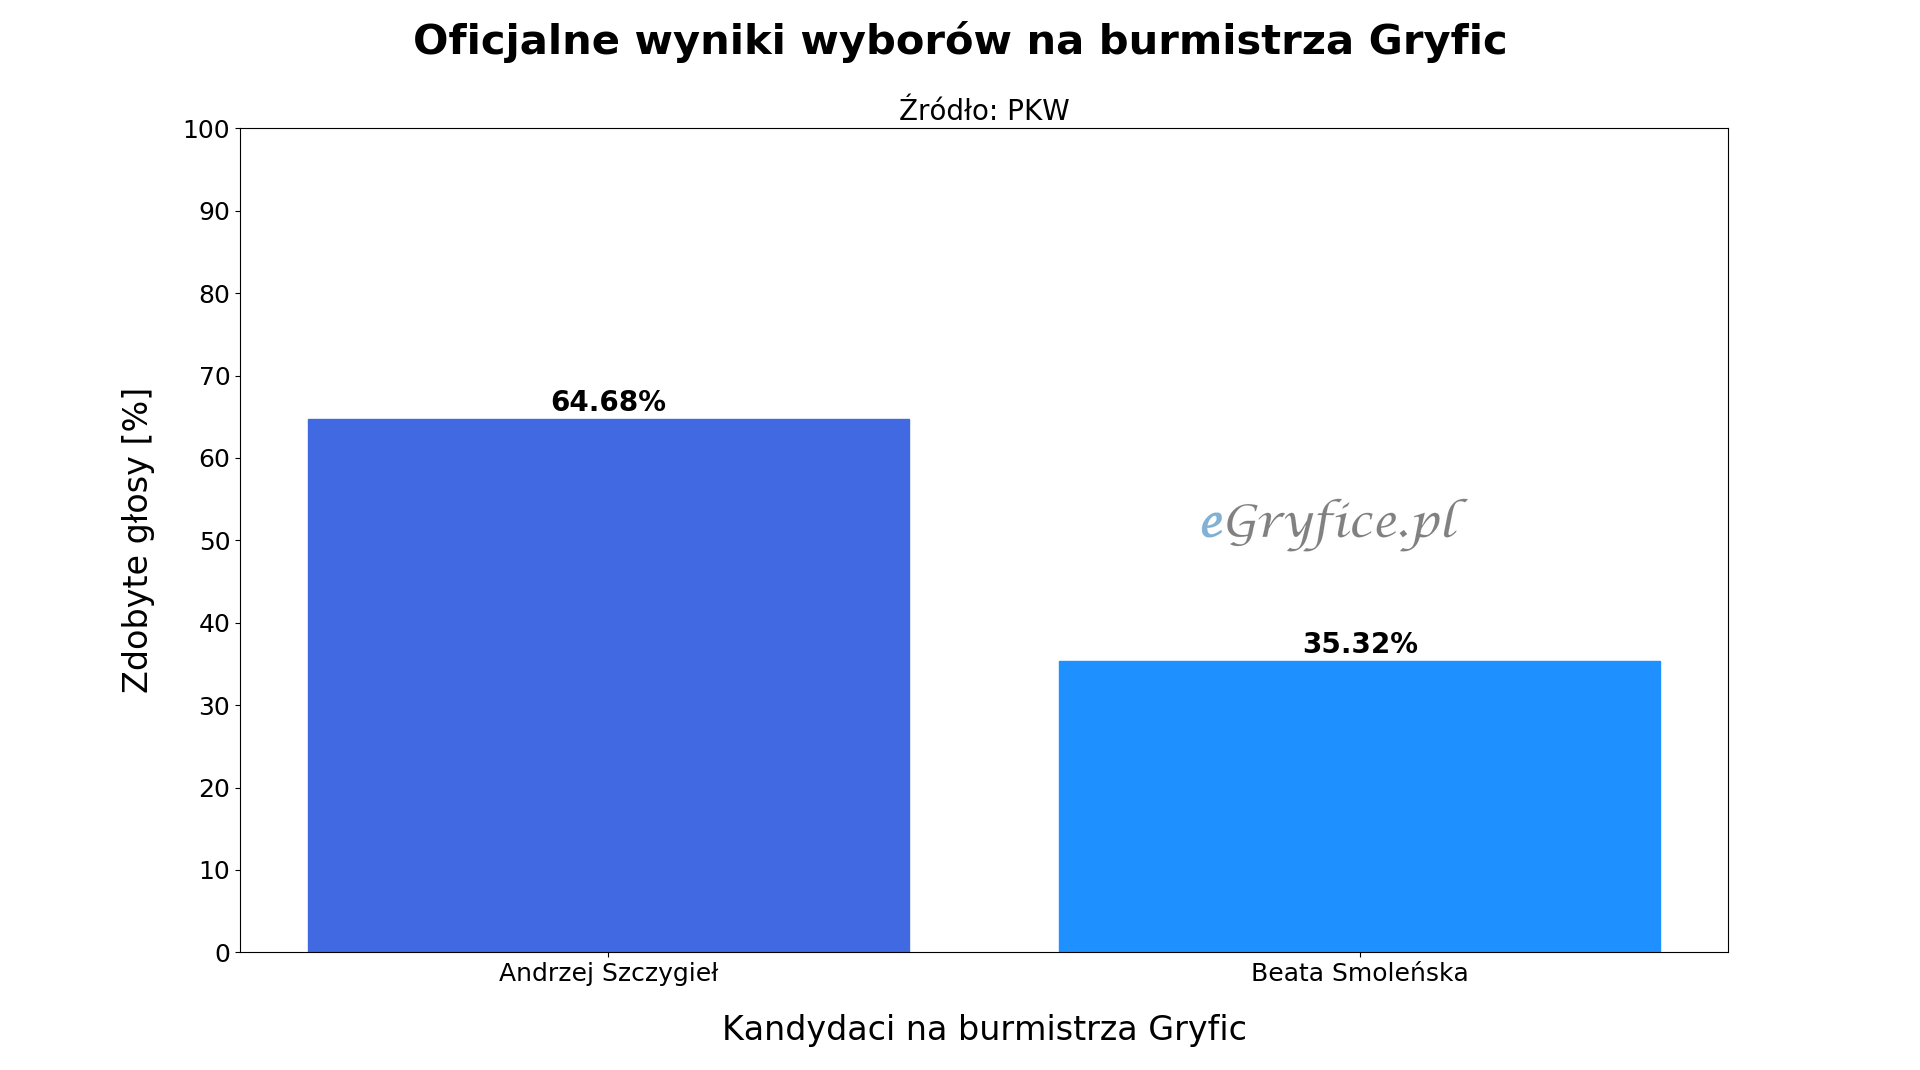 Oficjalne wyniki drugiej tury wyborów na burmistrza Gryfic. Wykres przedstawia procentowy podział głosów na Andrzeja Szczygła i Beatę Smoleńską